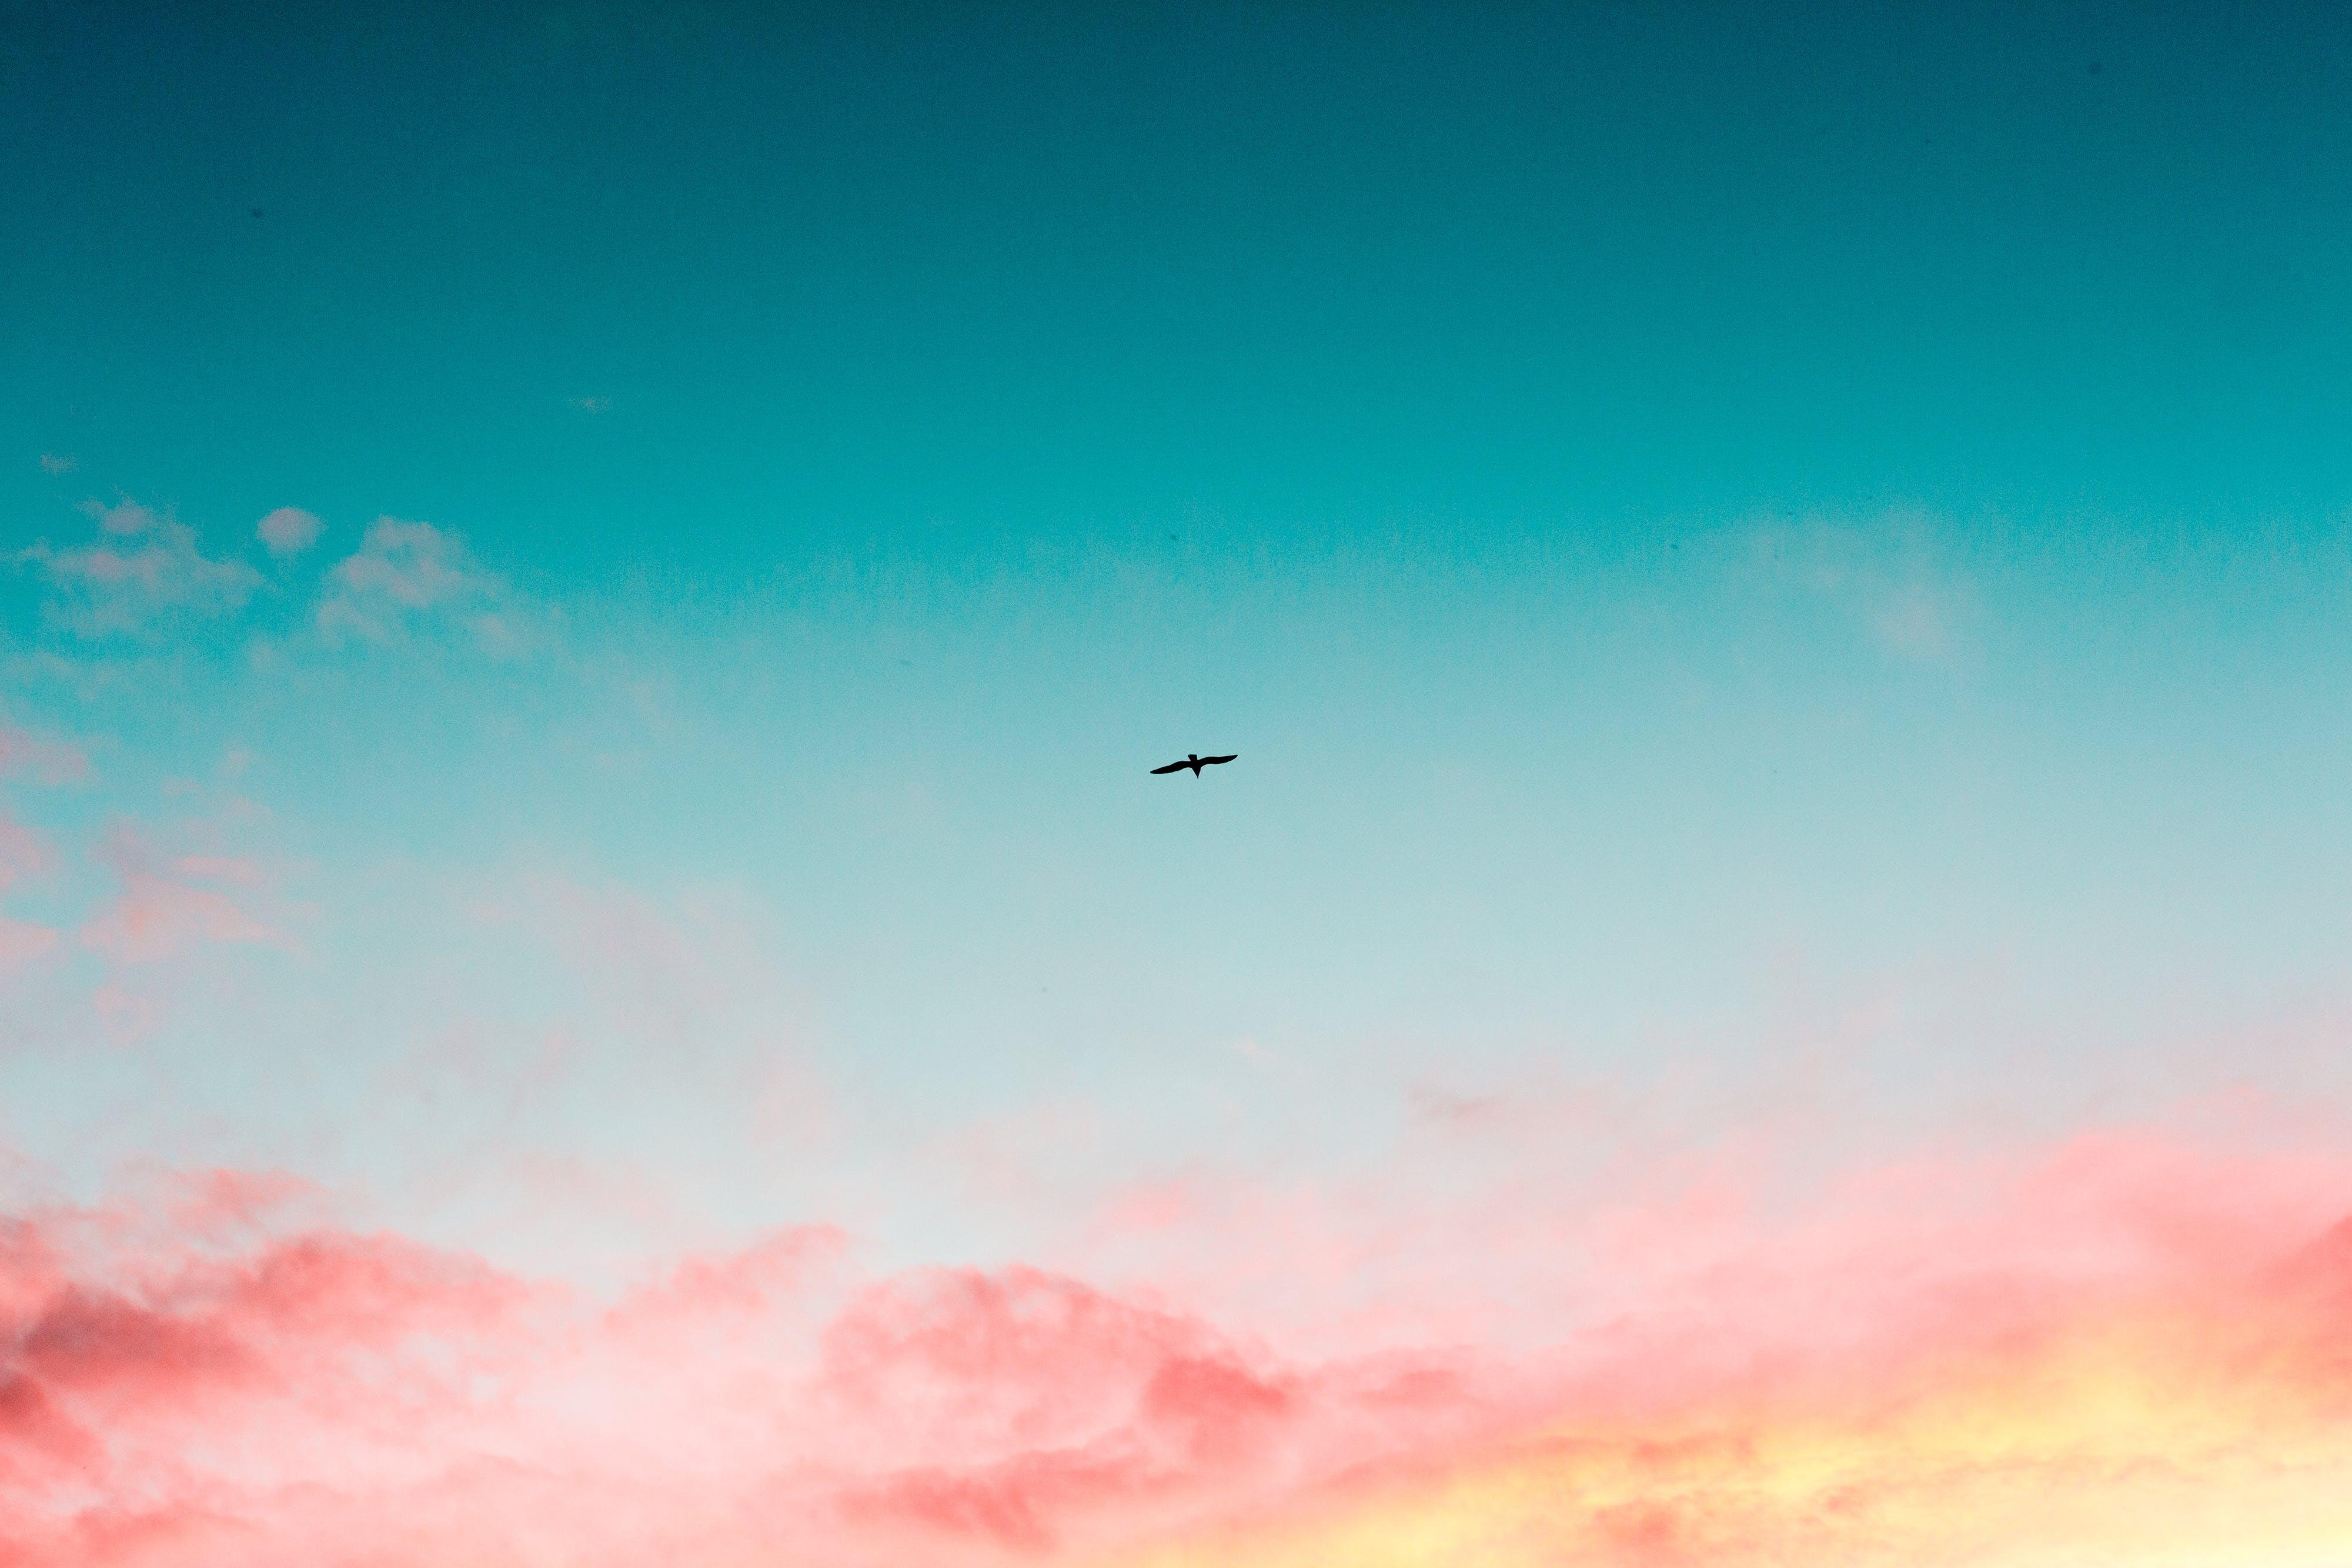 dämmerung, desktop hintergrundbilder, fliegen